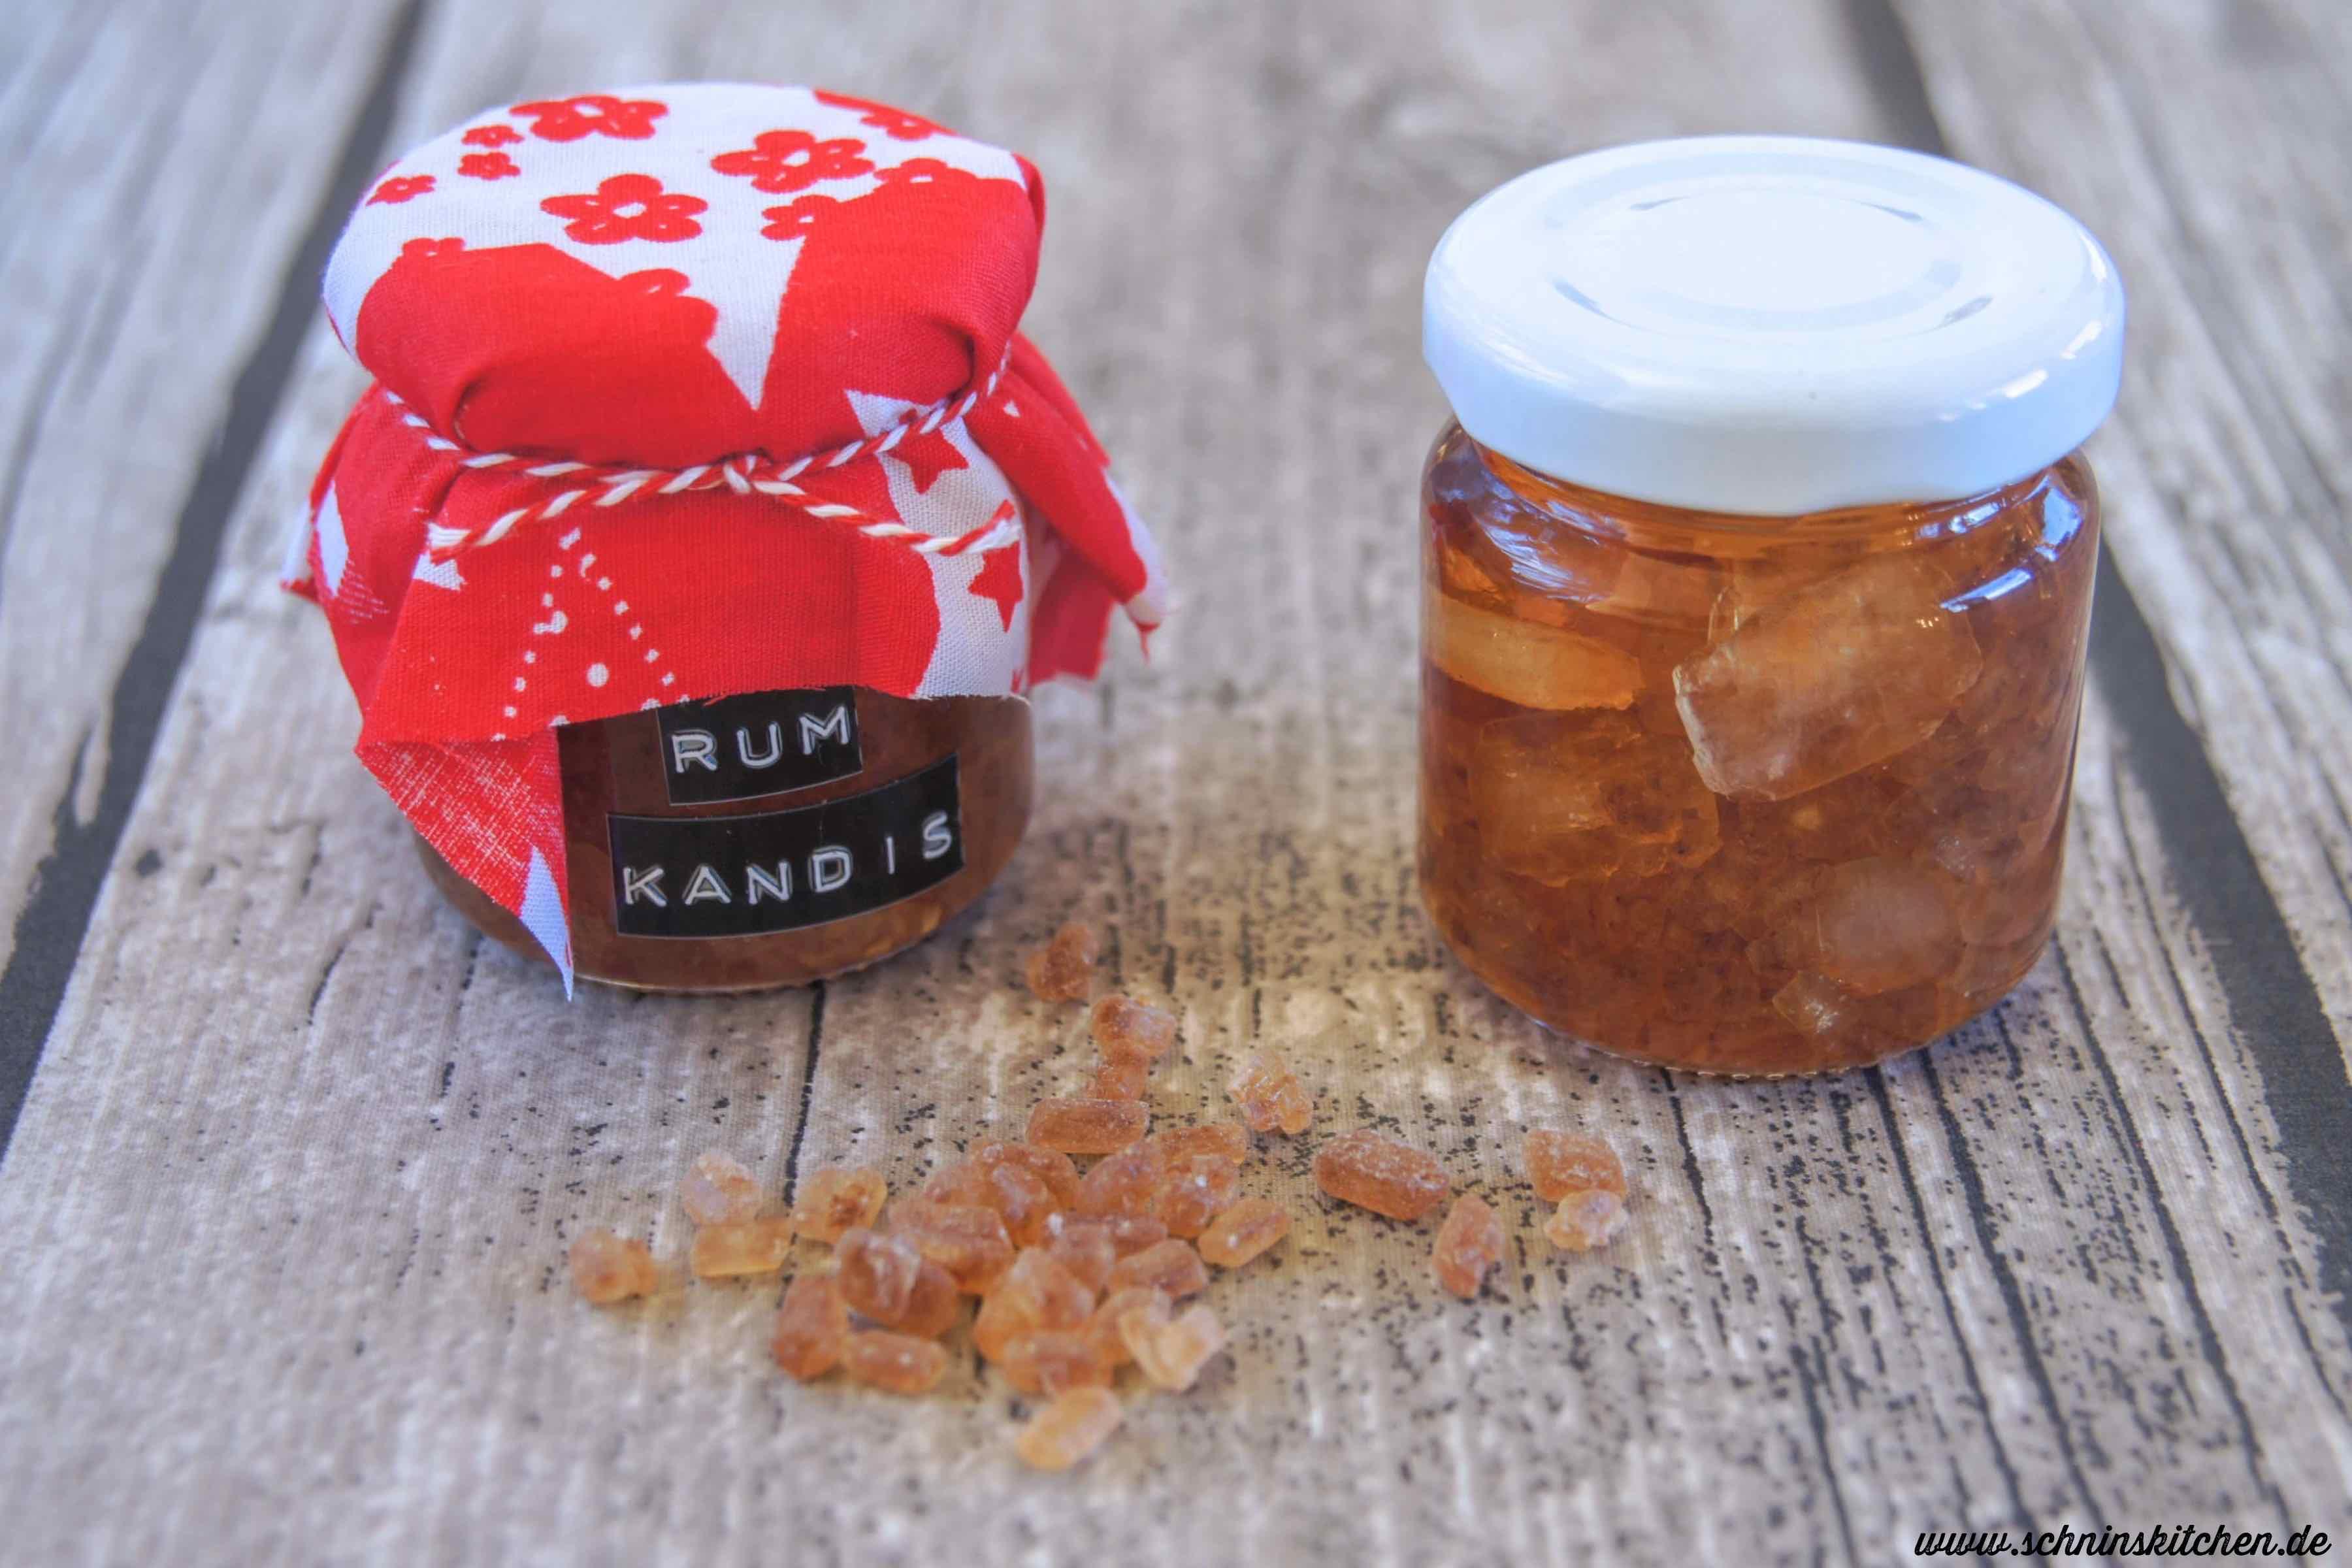 Rum-Amaretto-Kandiszucker - brauner Kandis mit Rum und Amaretto zum Süßen von Tee. Ein tolles Rezept als Geschenk aus der Küche. | www.schninskitchen.de